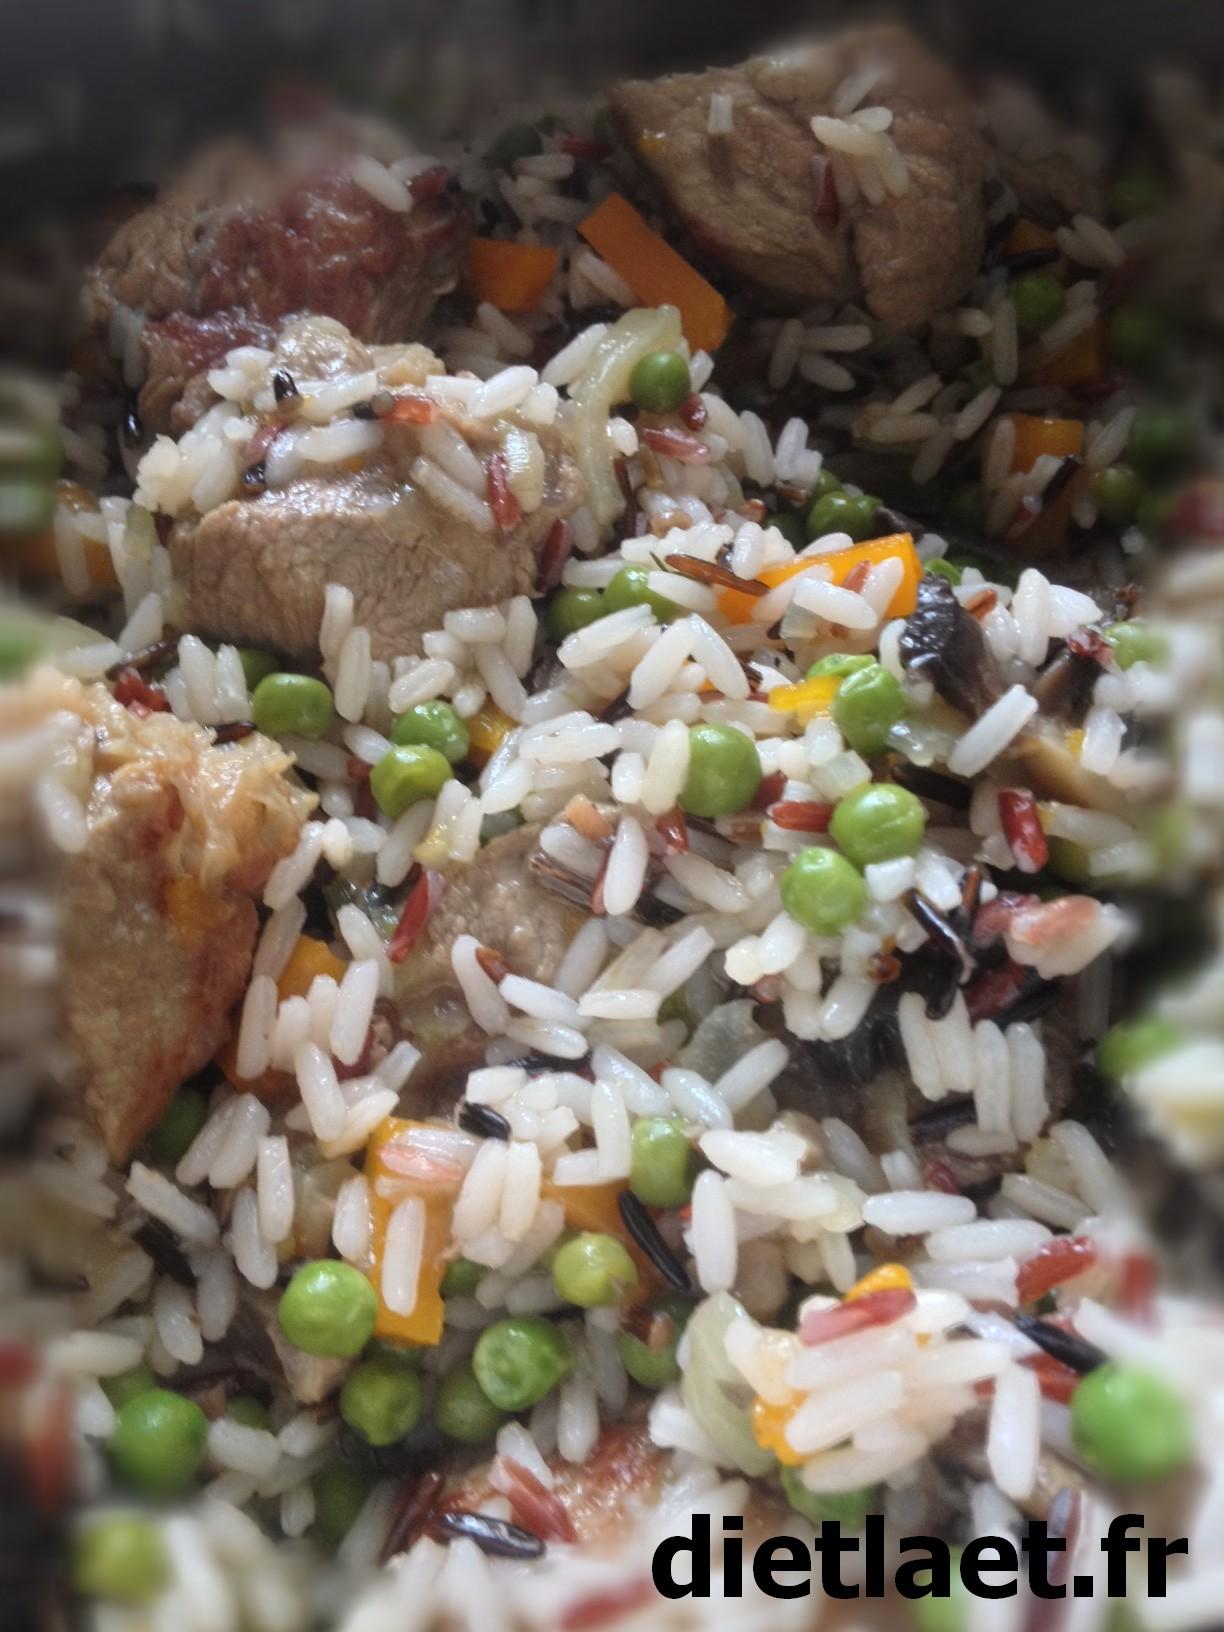 Recette sauté de veau et petits légumes